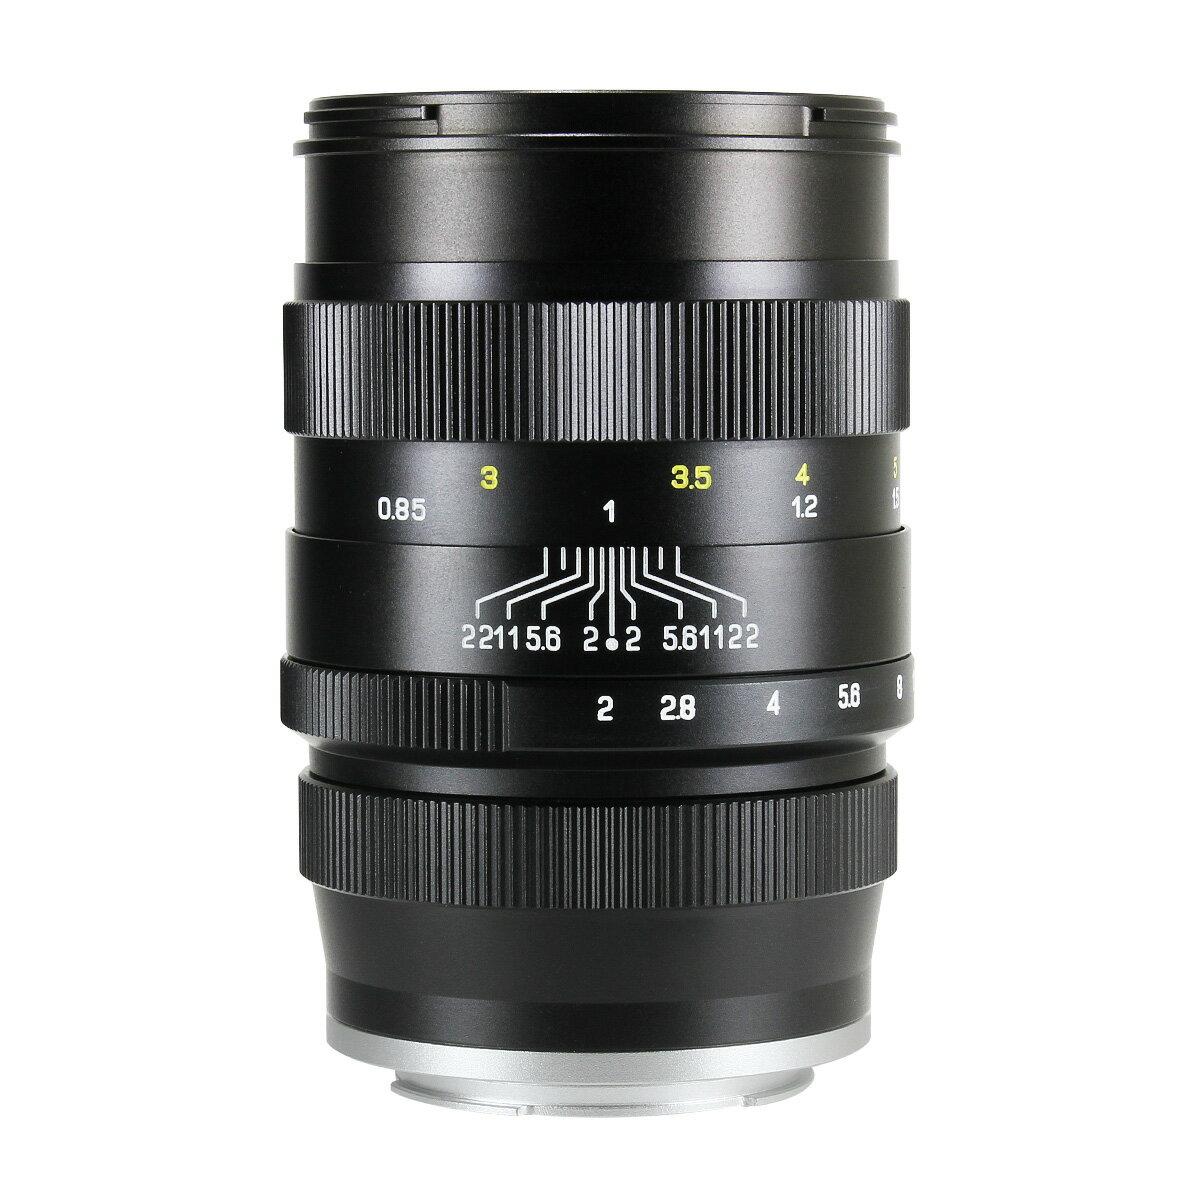 カメラ・ビデオカメラ・光学機器, カメラ用交換レンズ  CREATOR 85mm F2 E